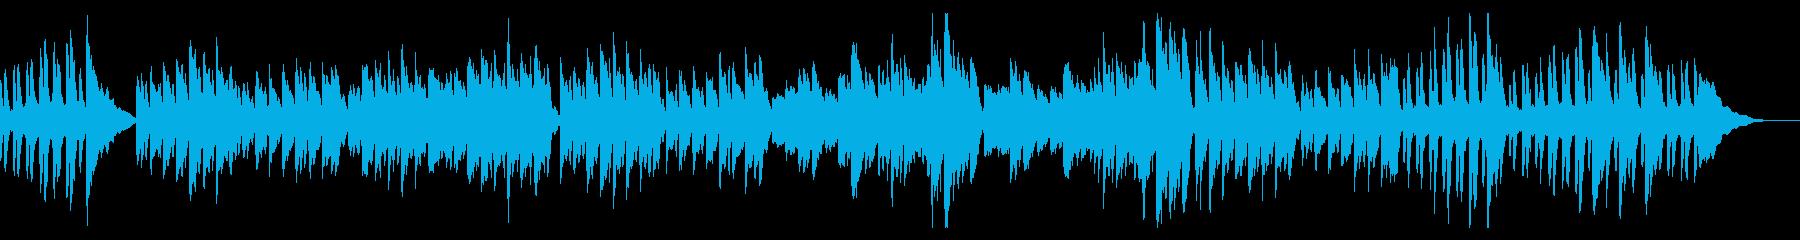 ピアノ練習曲/ブルグミュラー狩の再生済みの波形